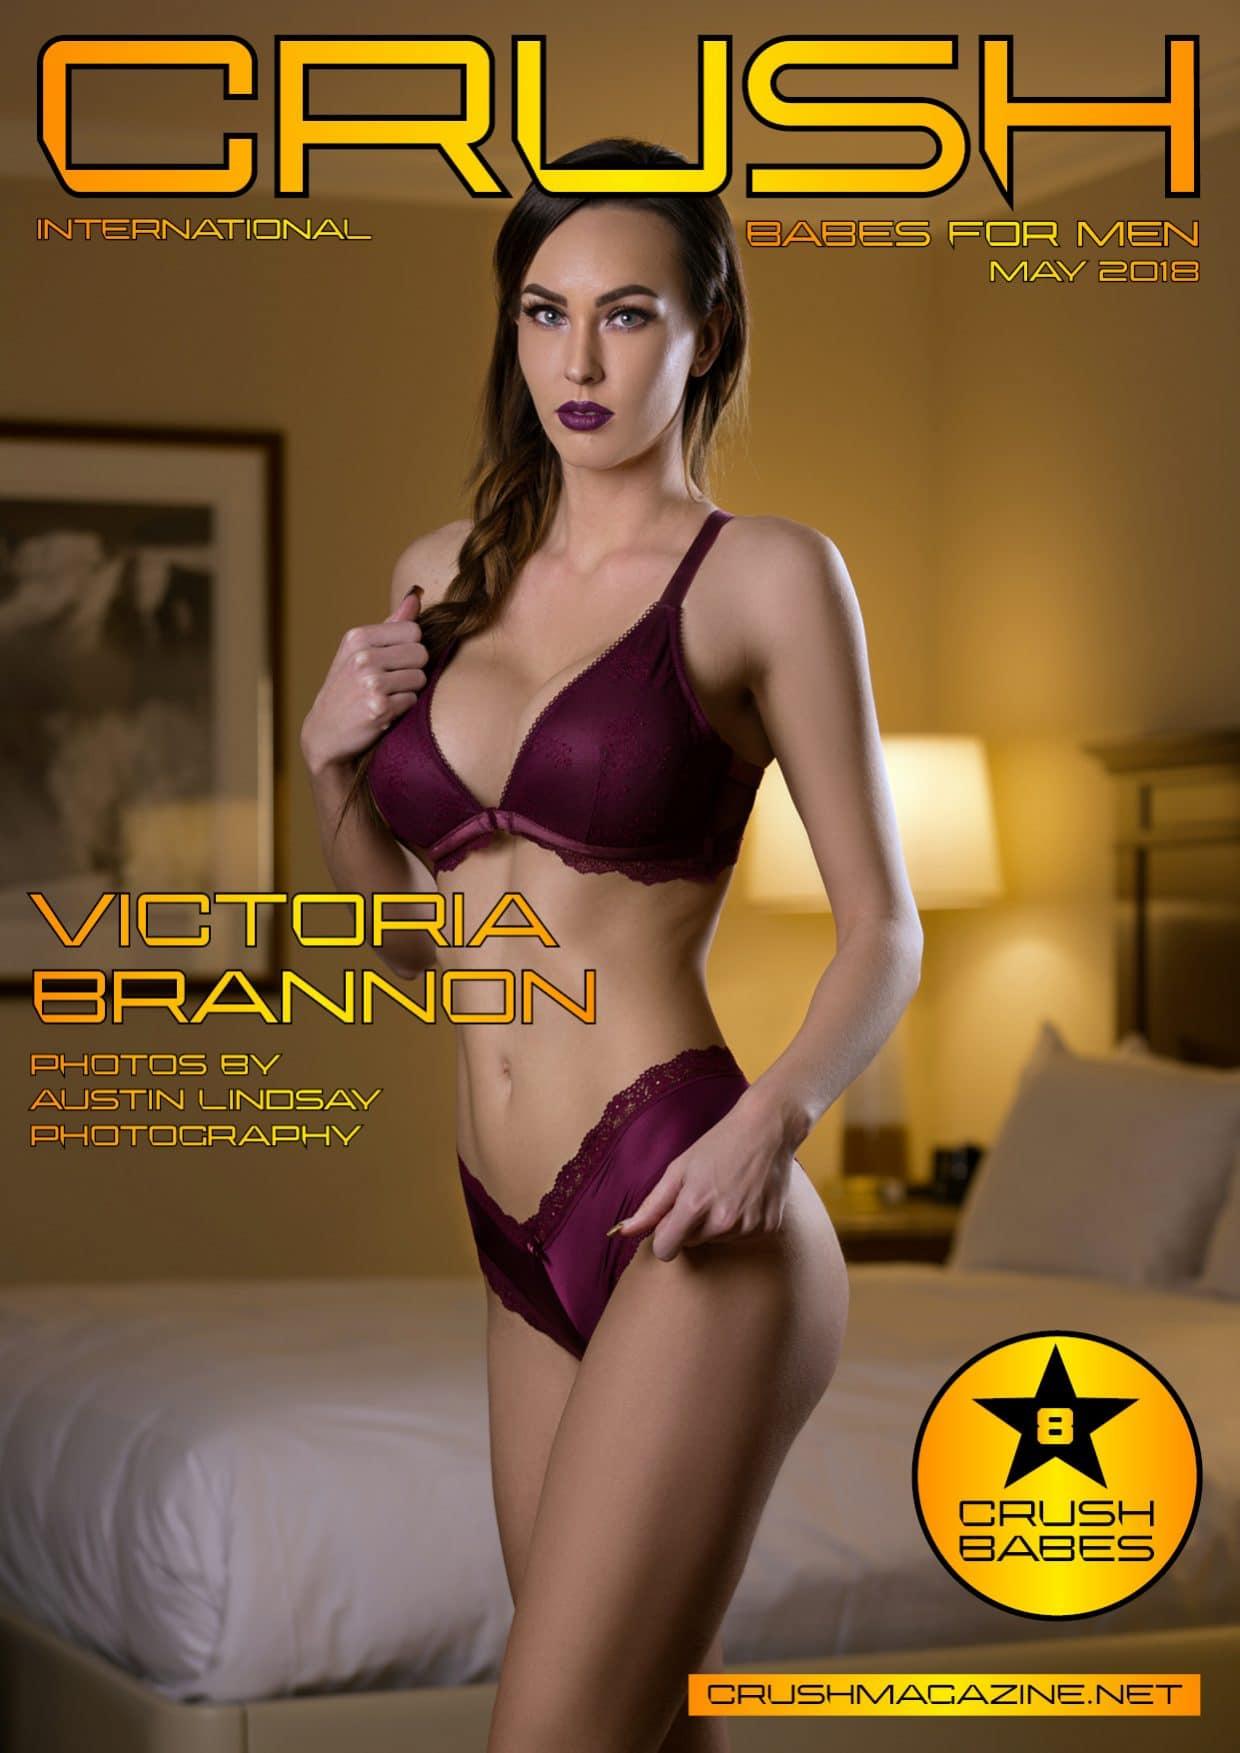 Crush Magazine - May 2018 - Victoria Brannon 1